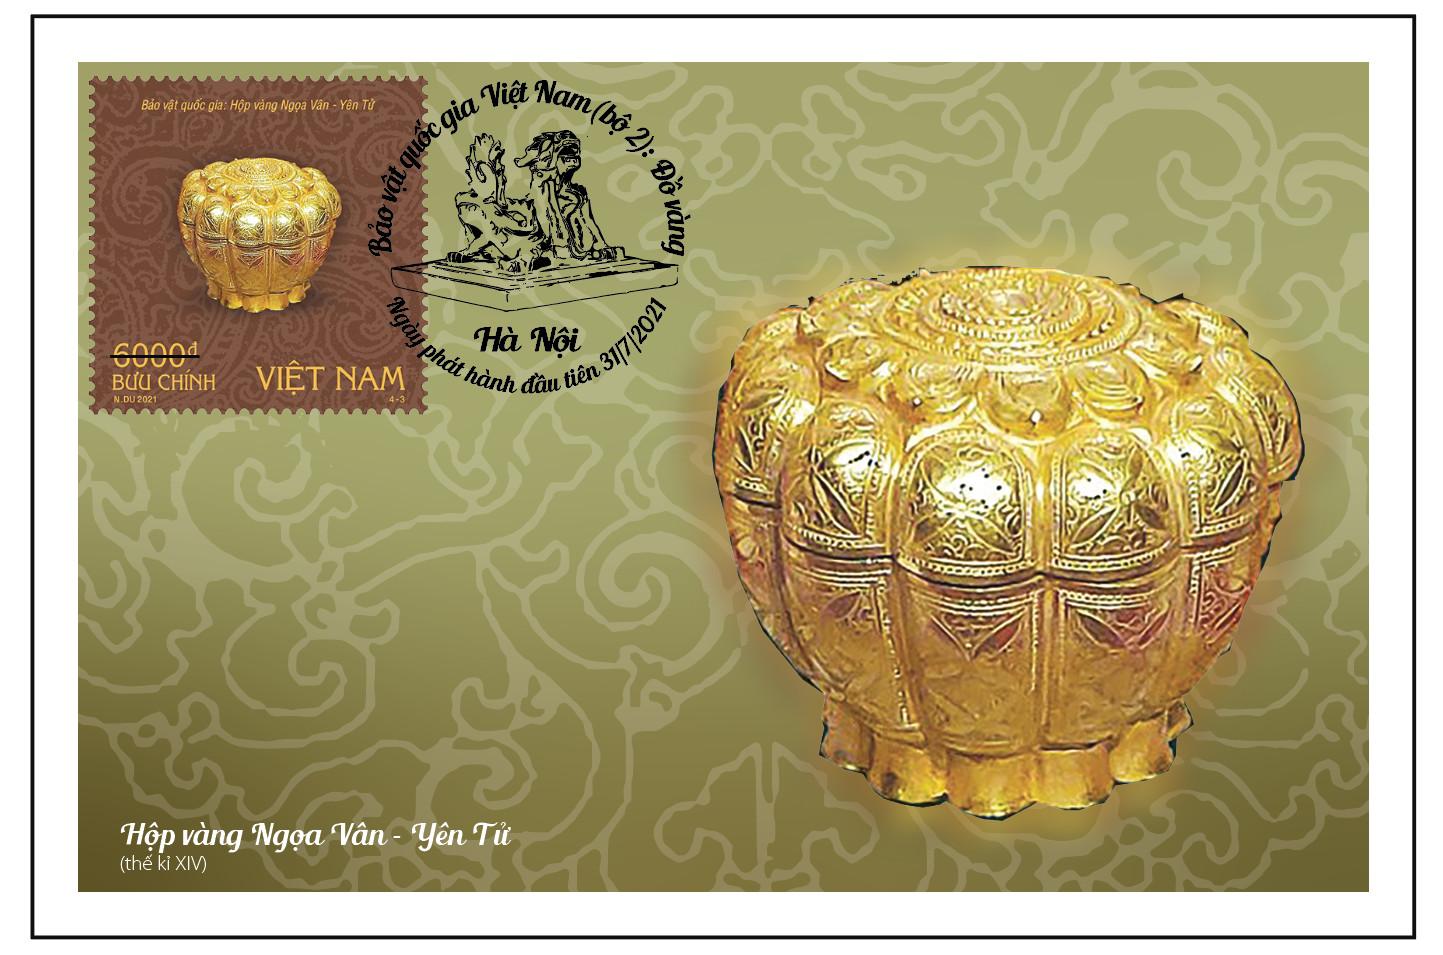 """Hộp vàng """"Ngọa Vân - Yên Tử được làm bằng vàng, cao 4,20cm, nặng 56,44 gram, có niên đại vào thế kỷ XIV. Đây là hiện vật khẳng định giá trị của di tích am Ngọa Vân, thánh địa của Thiền phái Trúc Lâm, đồng thời, phản ánh tư tưởng và đời sống văn hóa tâm linh ở trung tâm Phật giáo Trúc Lâm của tầng lớp quý tộc Hoàng gia. Hộp vàng Ngọa Vân cũng phản ánh trình độ kỹ thuật kim hoàn, trình độ thẩm mĩ, trí tuệ sáng tạo cao của các nghệ nhân thời Trần, góp phần khẳng định giá trị nghệ thuật thời Trần từ góc độ mĩ thuật vàng bạc quý hiếm mà xưa nay rất hiếm gặp dưới các vương triều Đinh - Tiền Lê, Lý, Trần, Lê sơ, Mạc, Lê Trung hưng. Hiện vật đang được lưu giữ tại Bảo tàng tỉnh Quảng Ninh."""